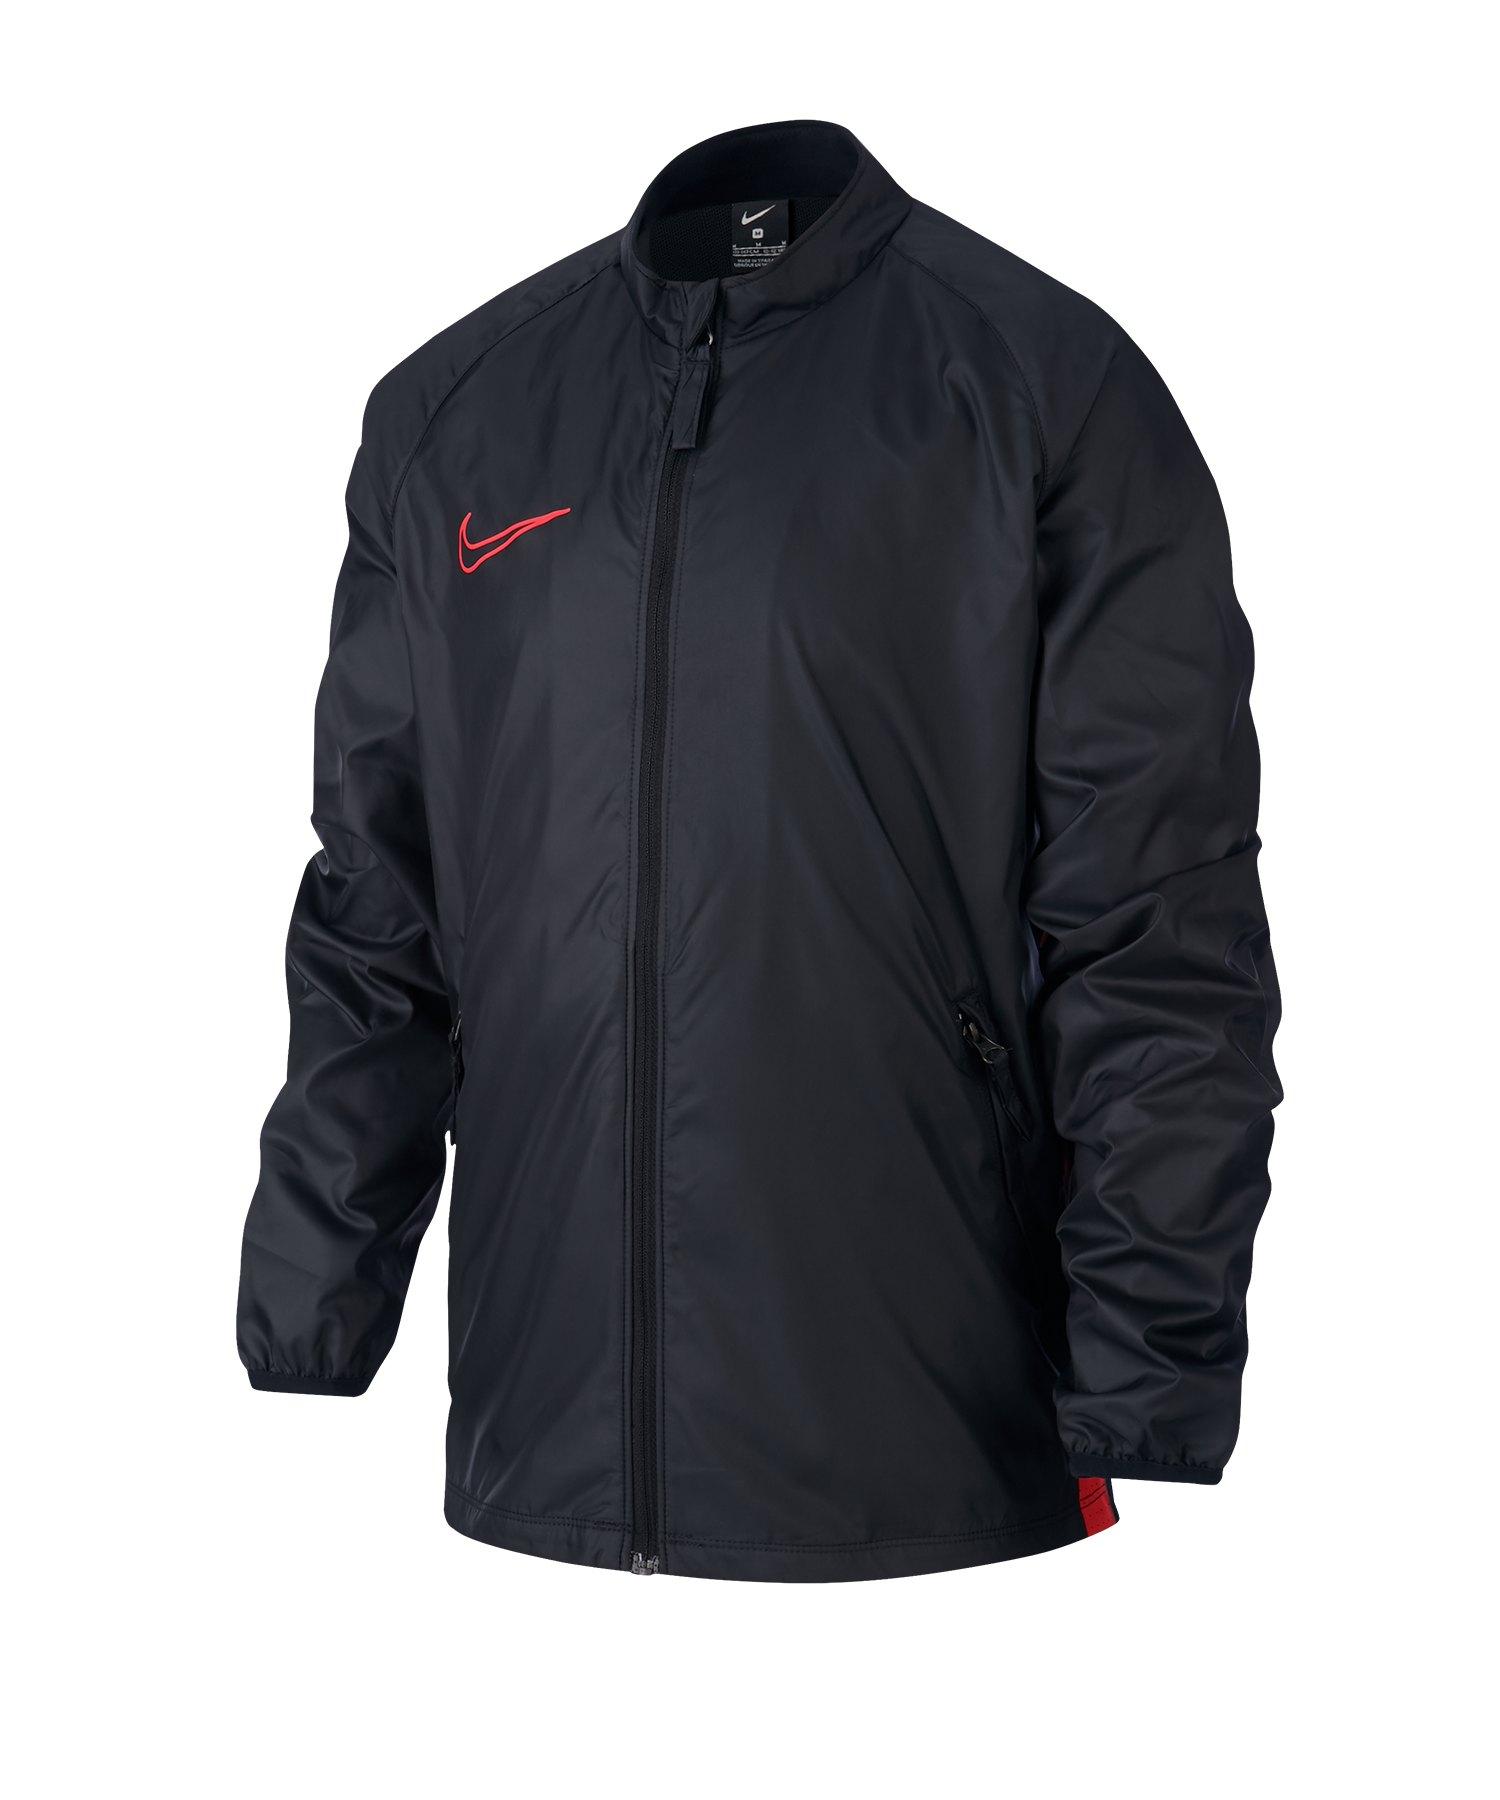 Nike Academy Repel Jacke Kids Schwarz F010 - schwarz